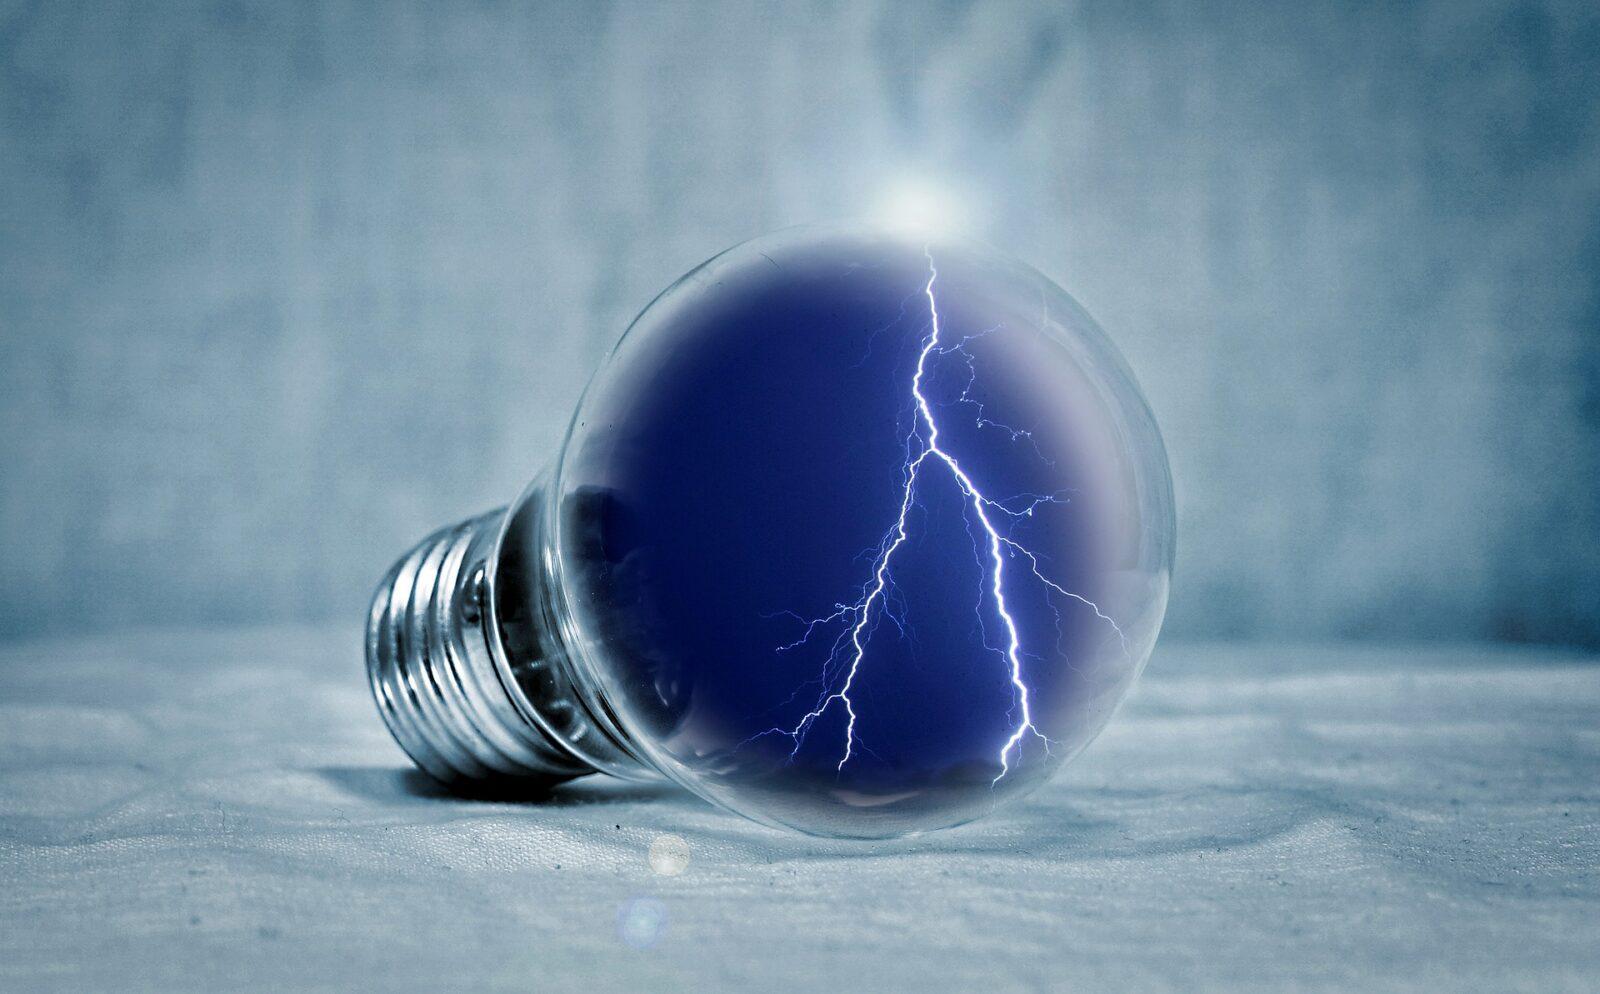 Oszczędzanie energii w domu - na jakich sprzętach można